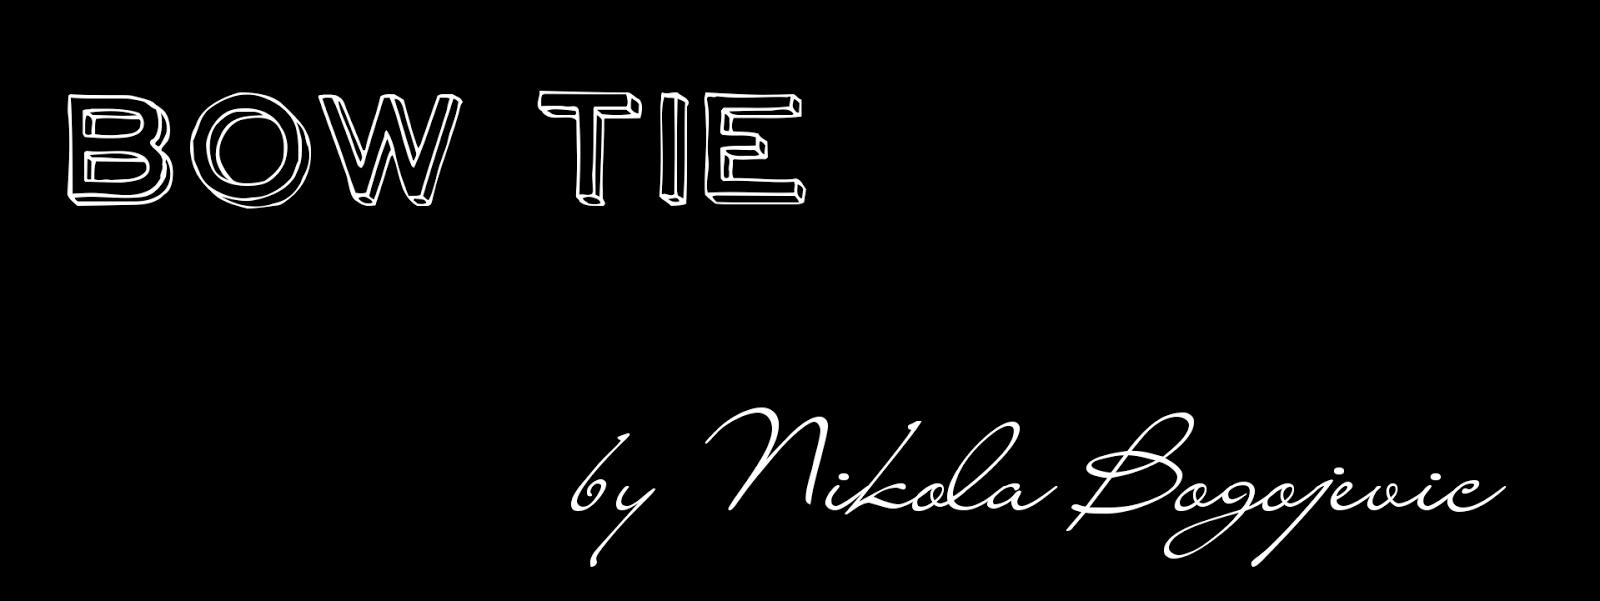 Bow tie by Nikola Bogojevic